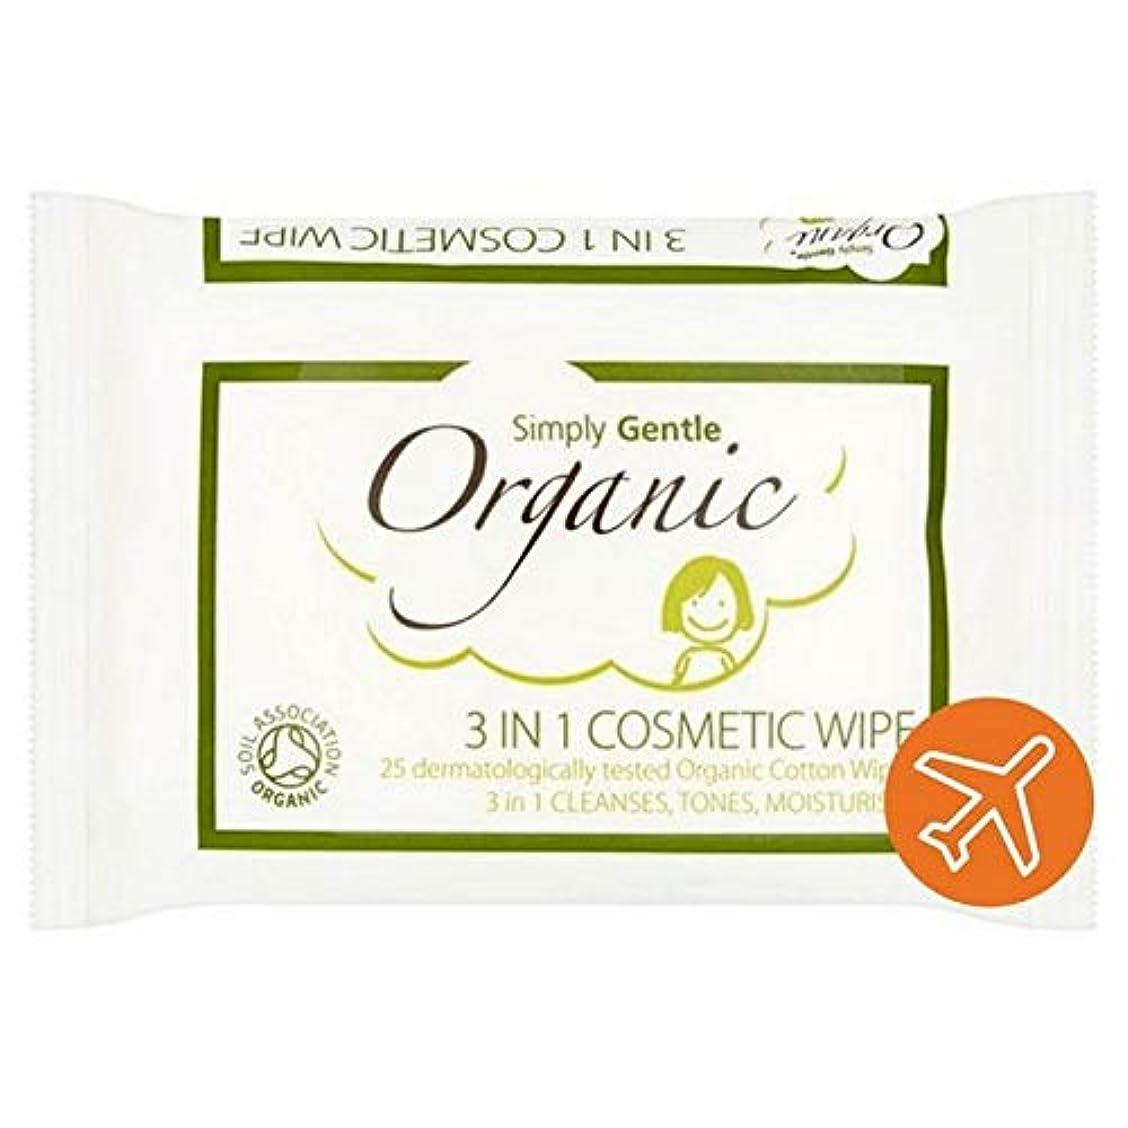 愛人弱点ジャンル[Simply Gentle ] 単に優しい有機顔パックごとに25を拭きます - Simply Gentle Organic Face Wipe 25 per pack [並行輸入品]